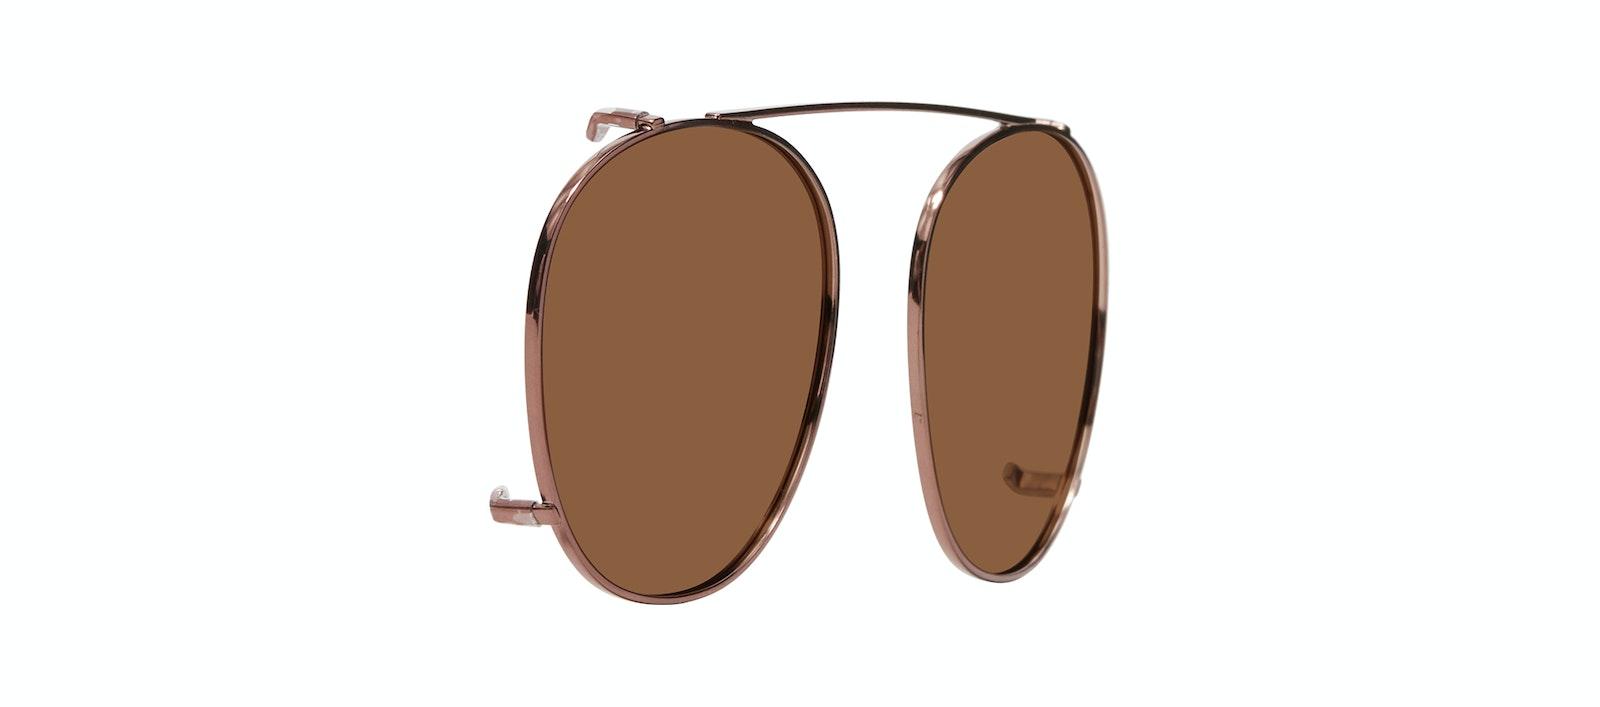 Affordable Fashion Glasses Accessory Men Women Divine Clip L Copper Tilt